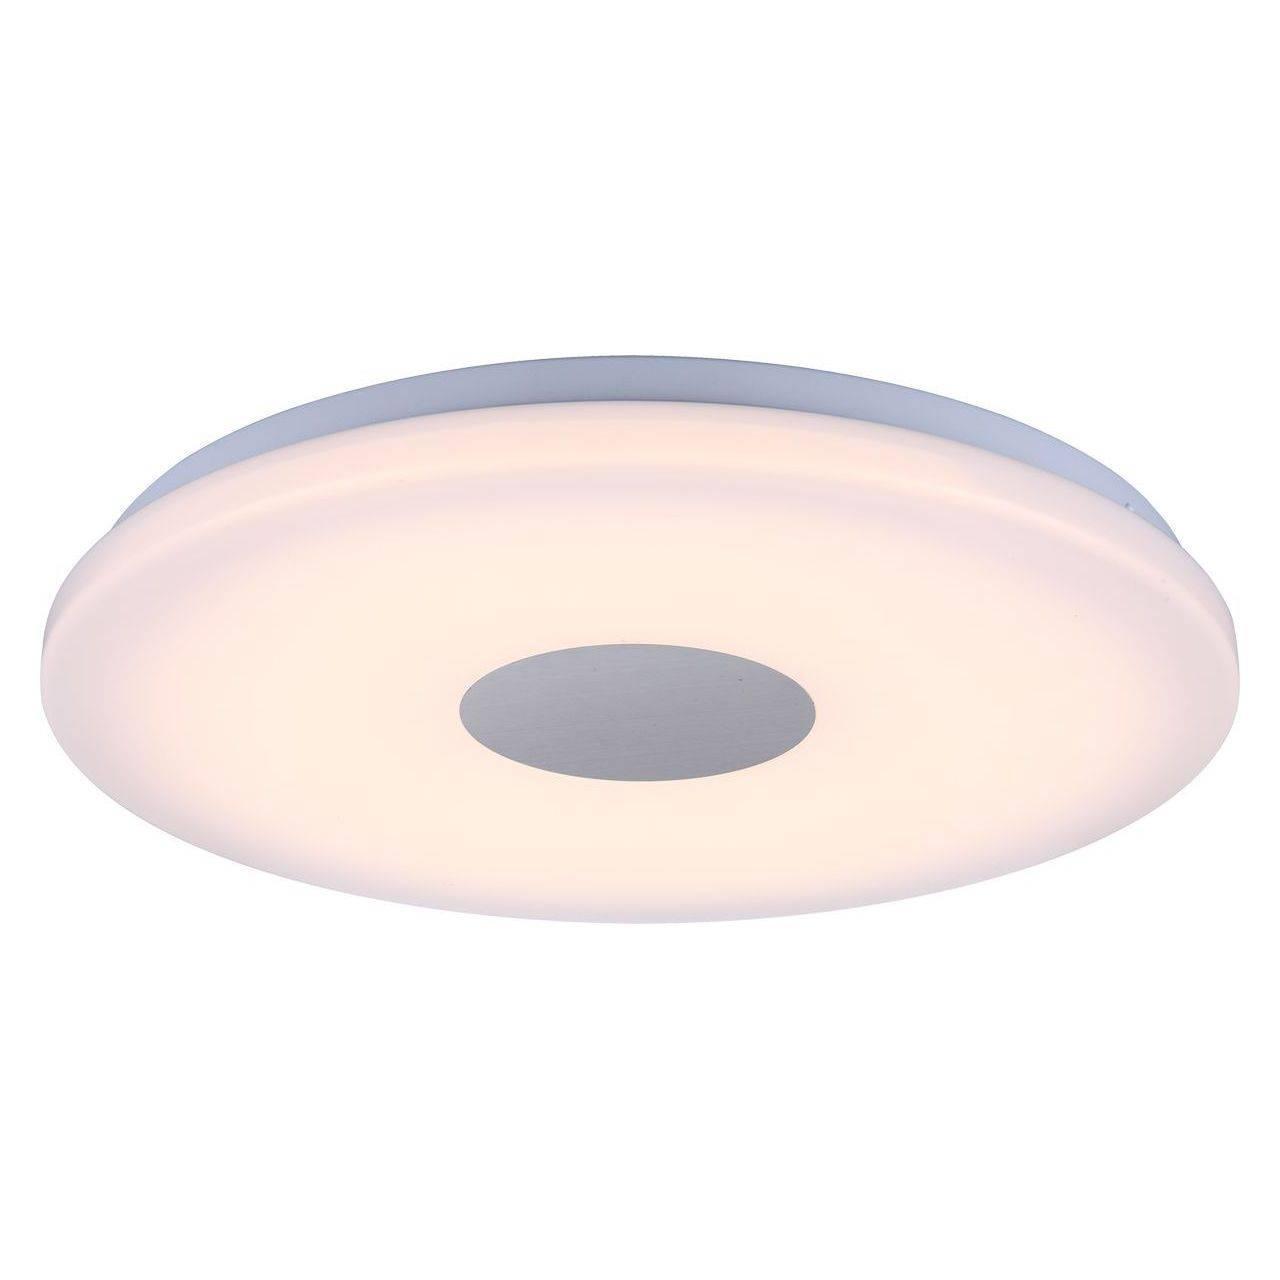 Потолочный светодиодный светильник Globo Augustus 41330 потолочный светодиодный светильник globo mathilda 68397 12